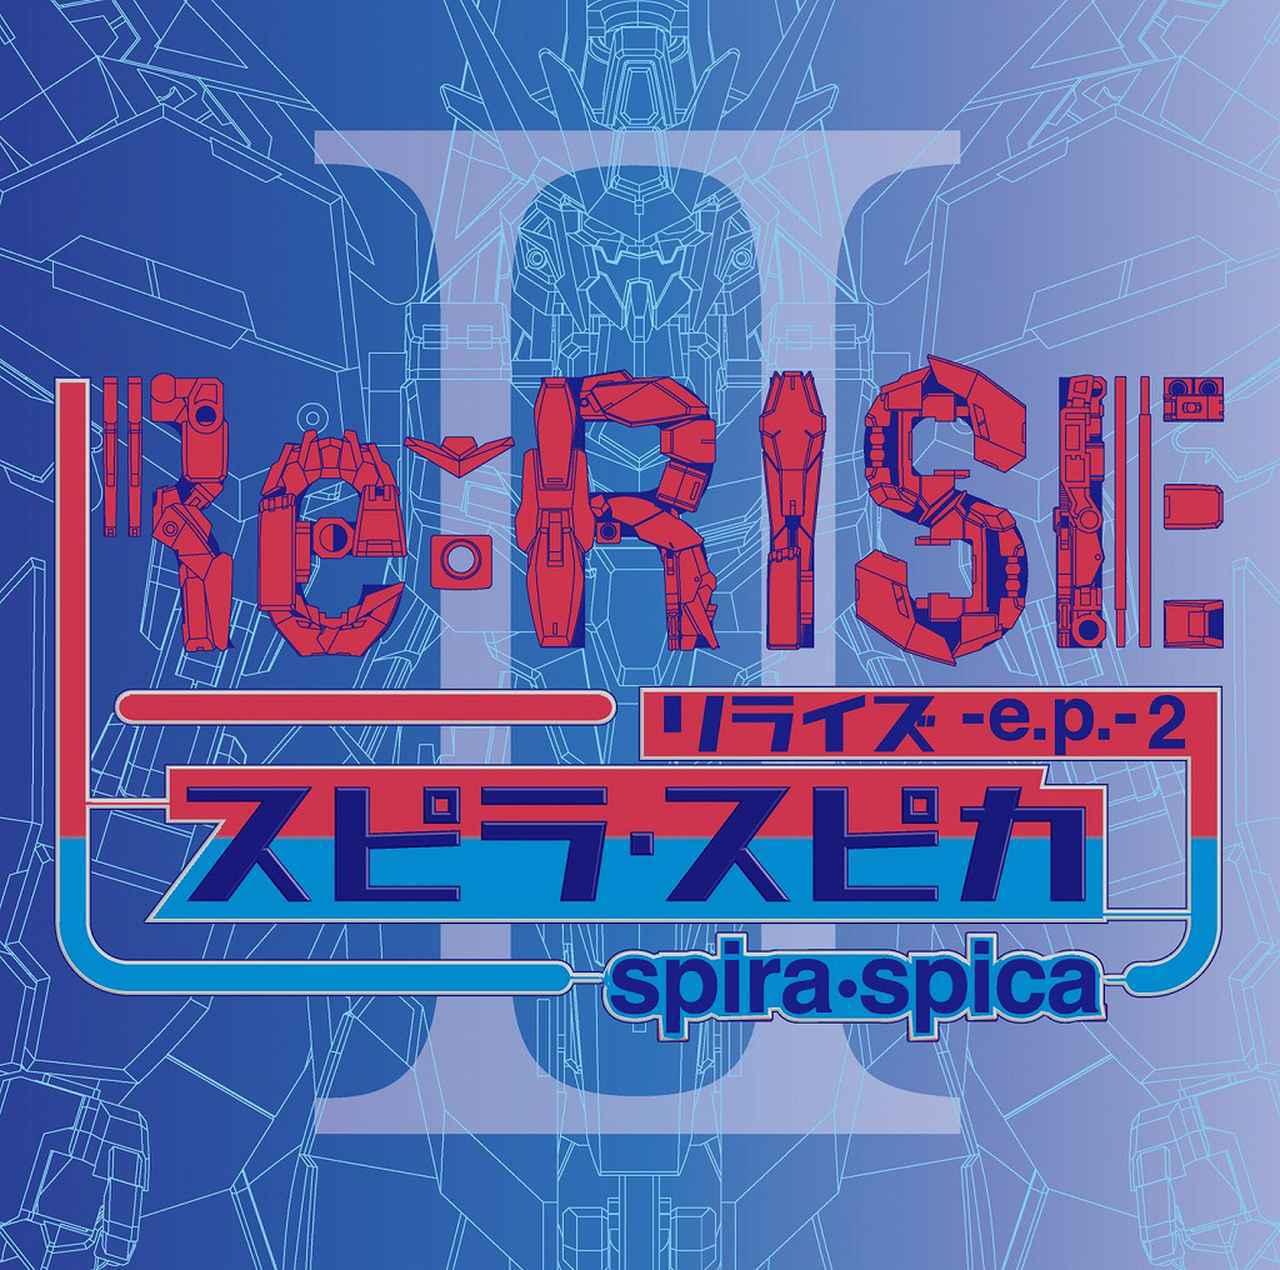 画像: Re:RISE -e.p.- 2 / スピラ・スピカ